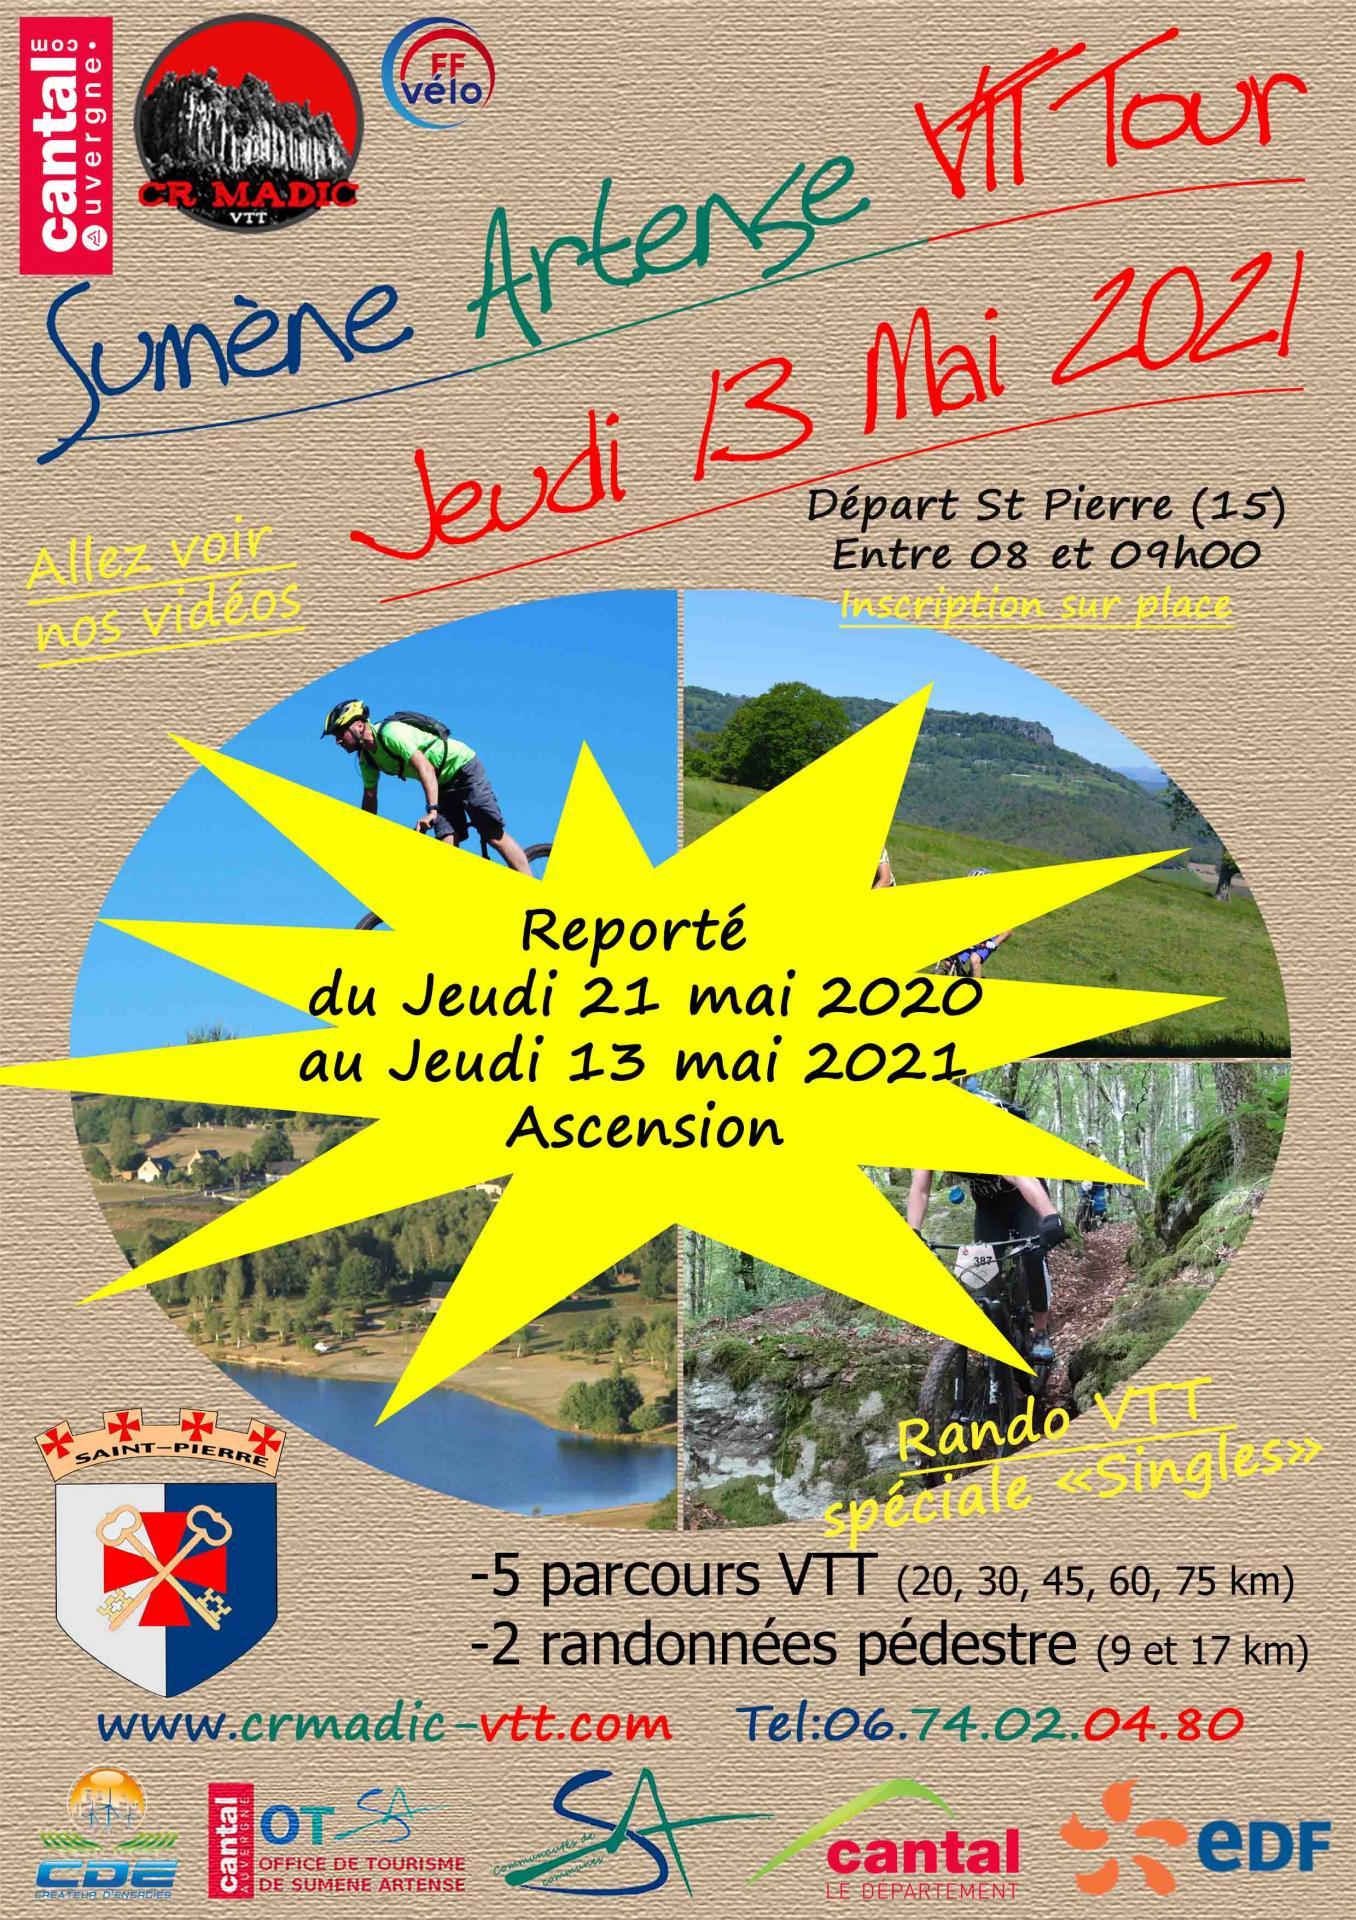 2020 affiche savtt tour v8 report 300 dpi 3